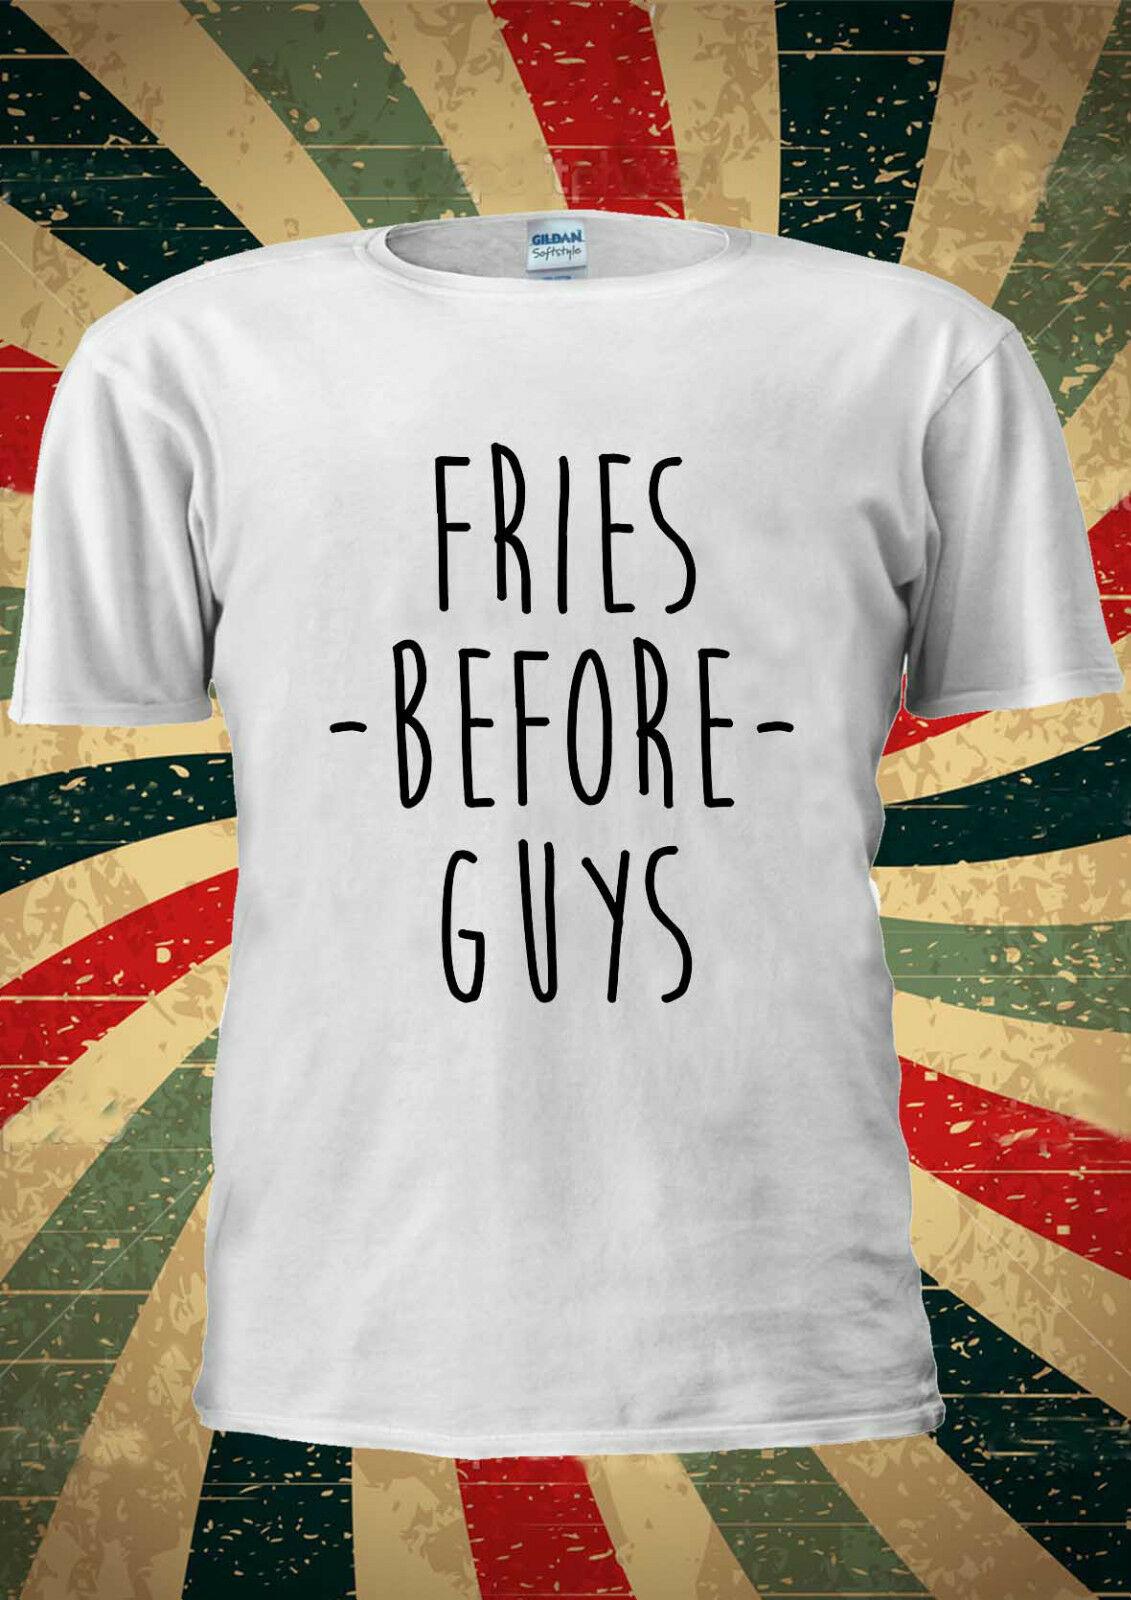 Papas fritas antes chicos Tumblr Cool Indie camiseta chaleco Top hombres mujeres Unisex 1869 verano cuello redondo tee, envío Gratis barato tee